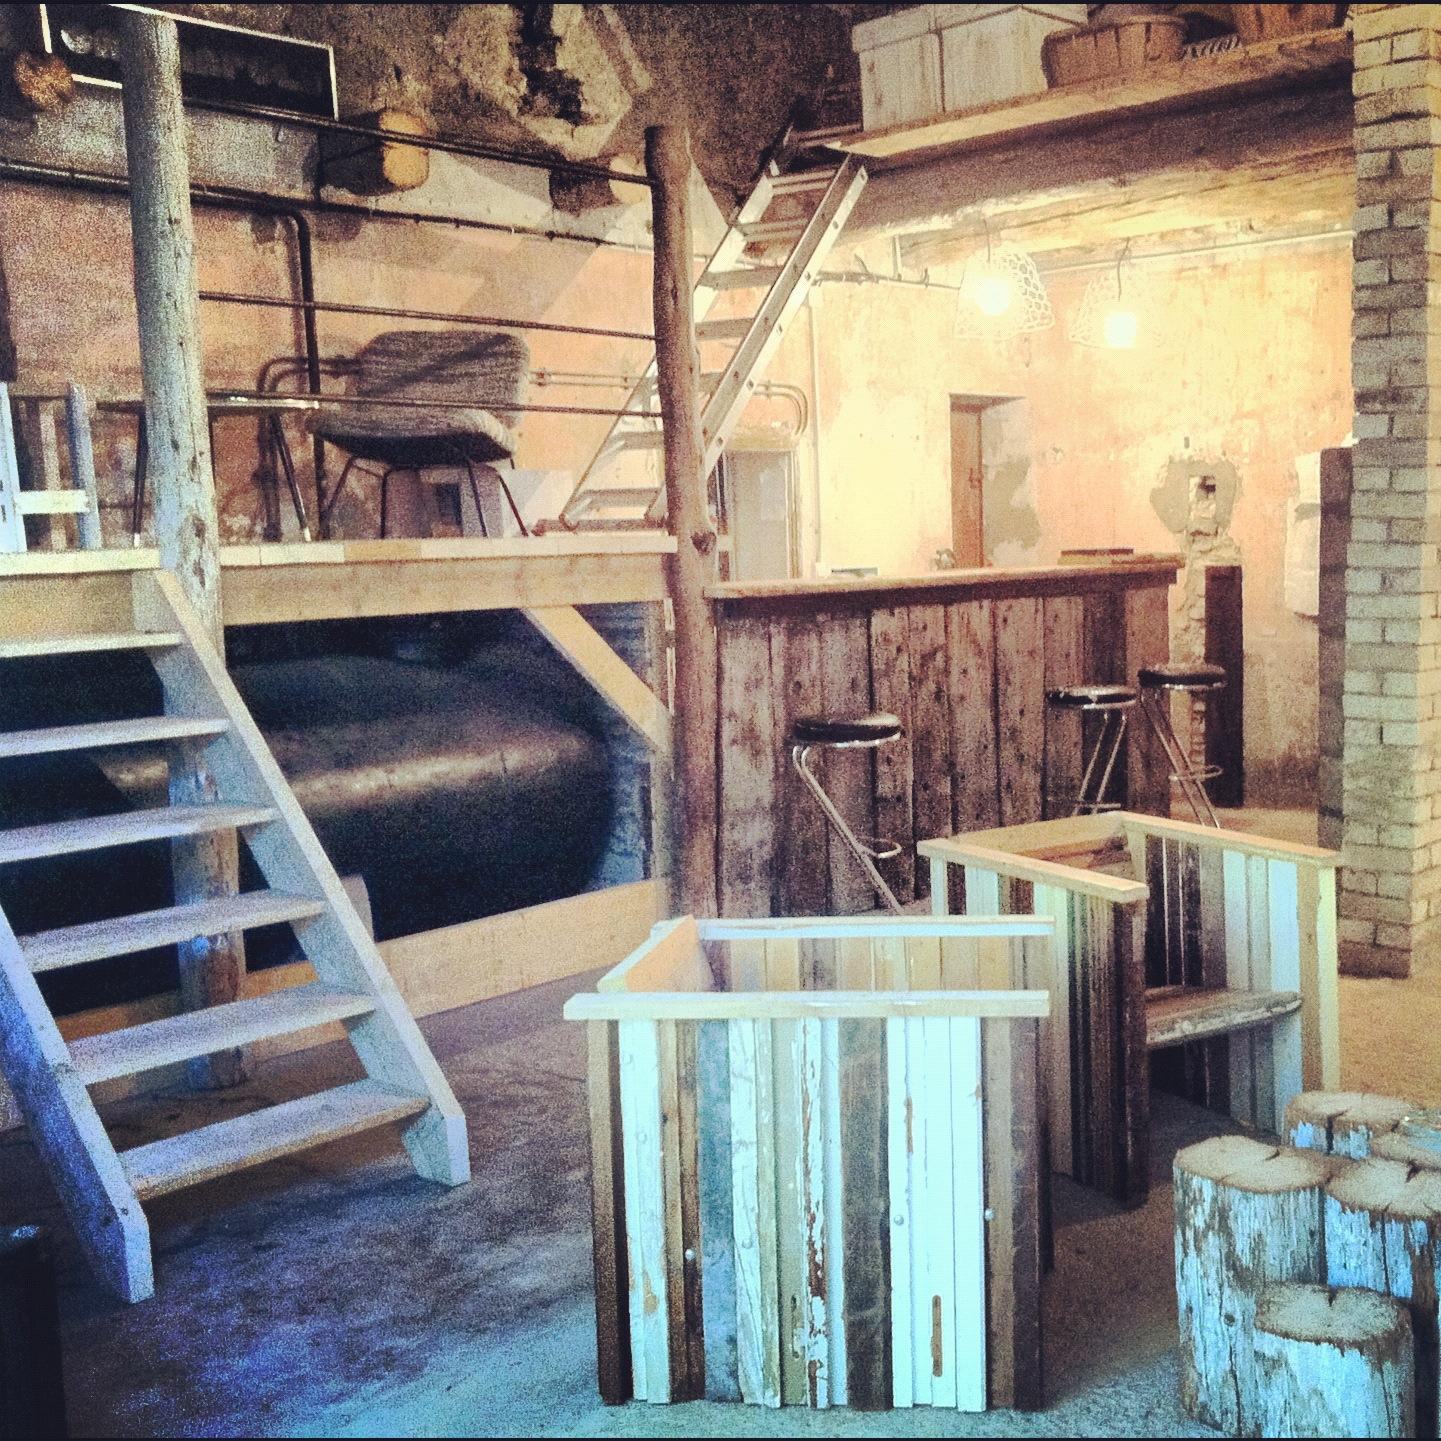 Location d atelier d artiste salle d exposition marrel - Location atelier artiste lyon ...